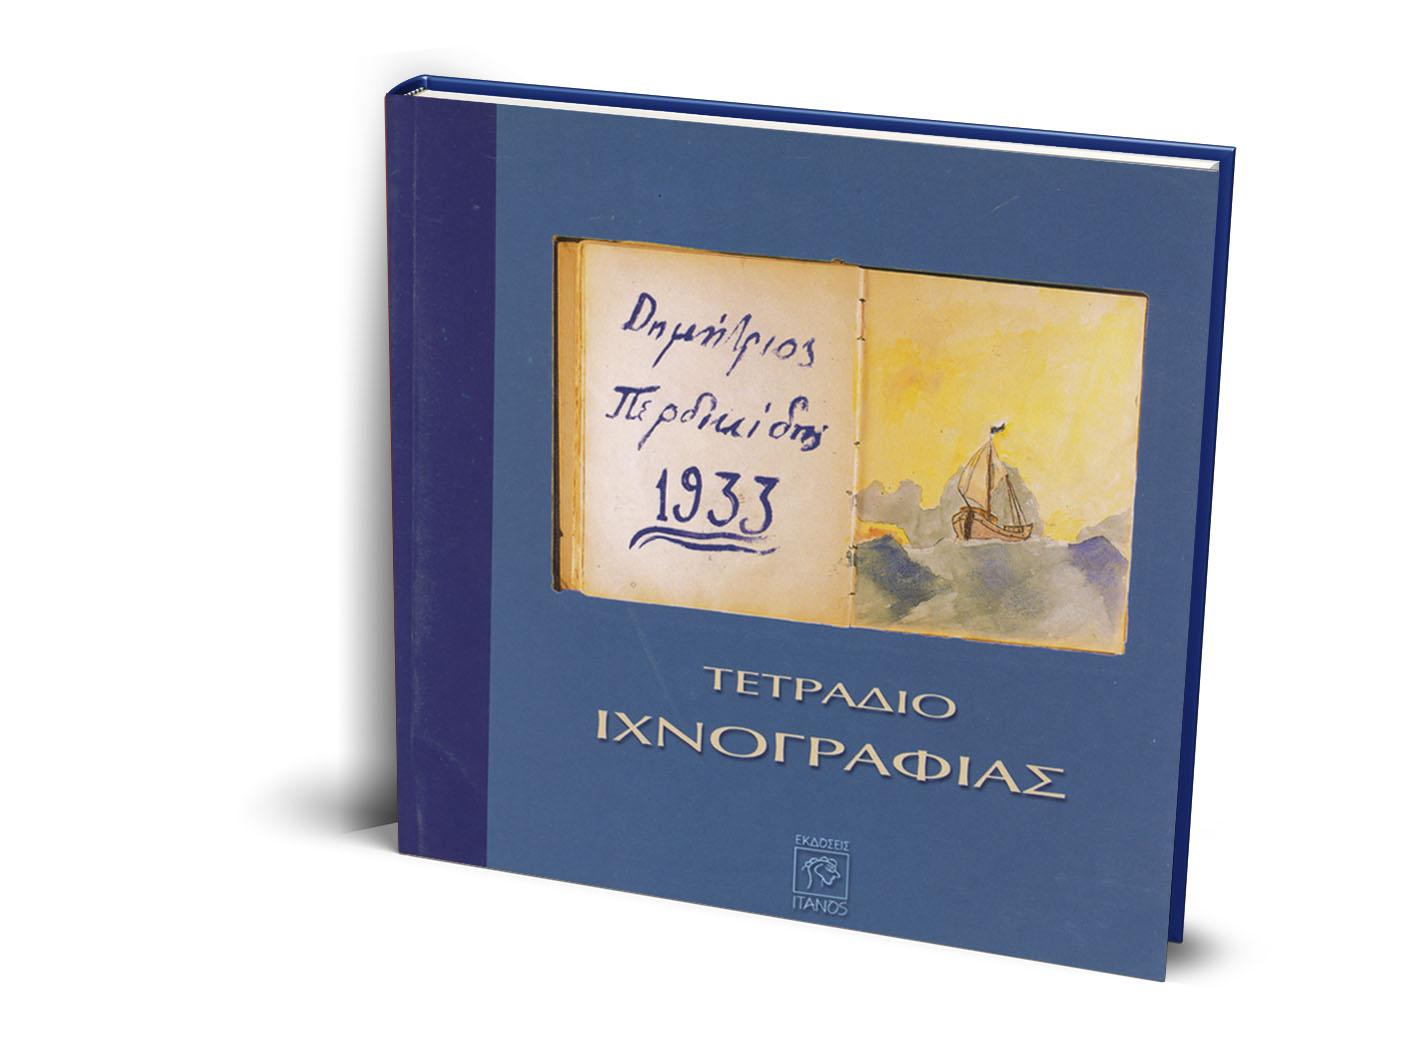 Τετράδιο Ιχνογραφίας Δ. Περδικίδης 1933